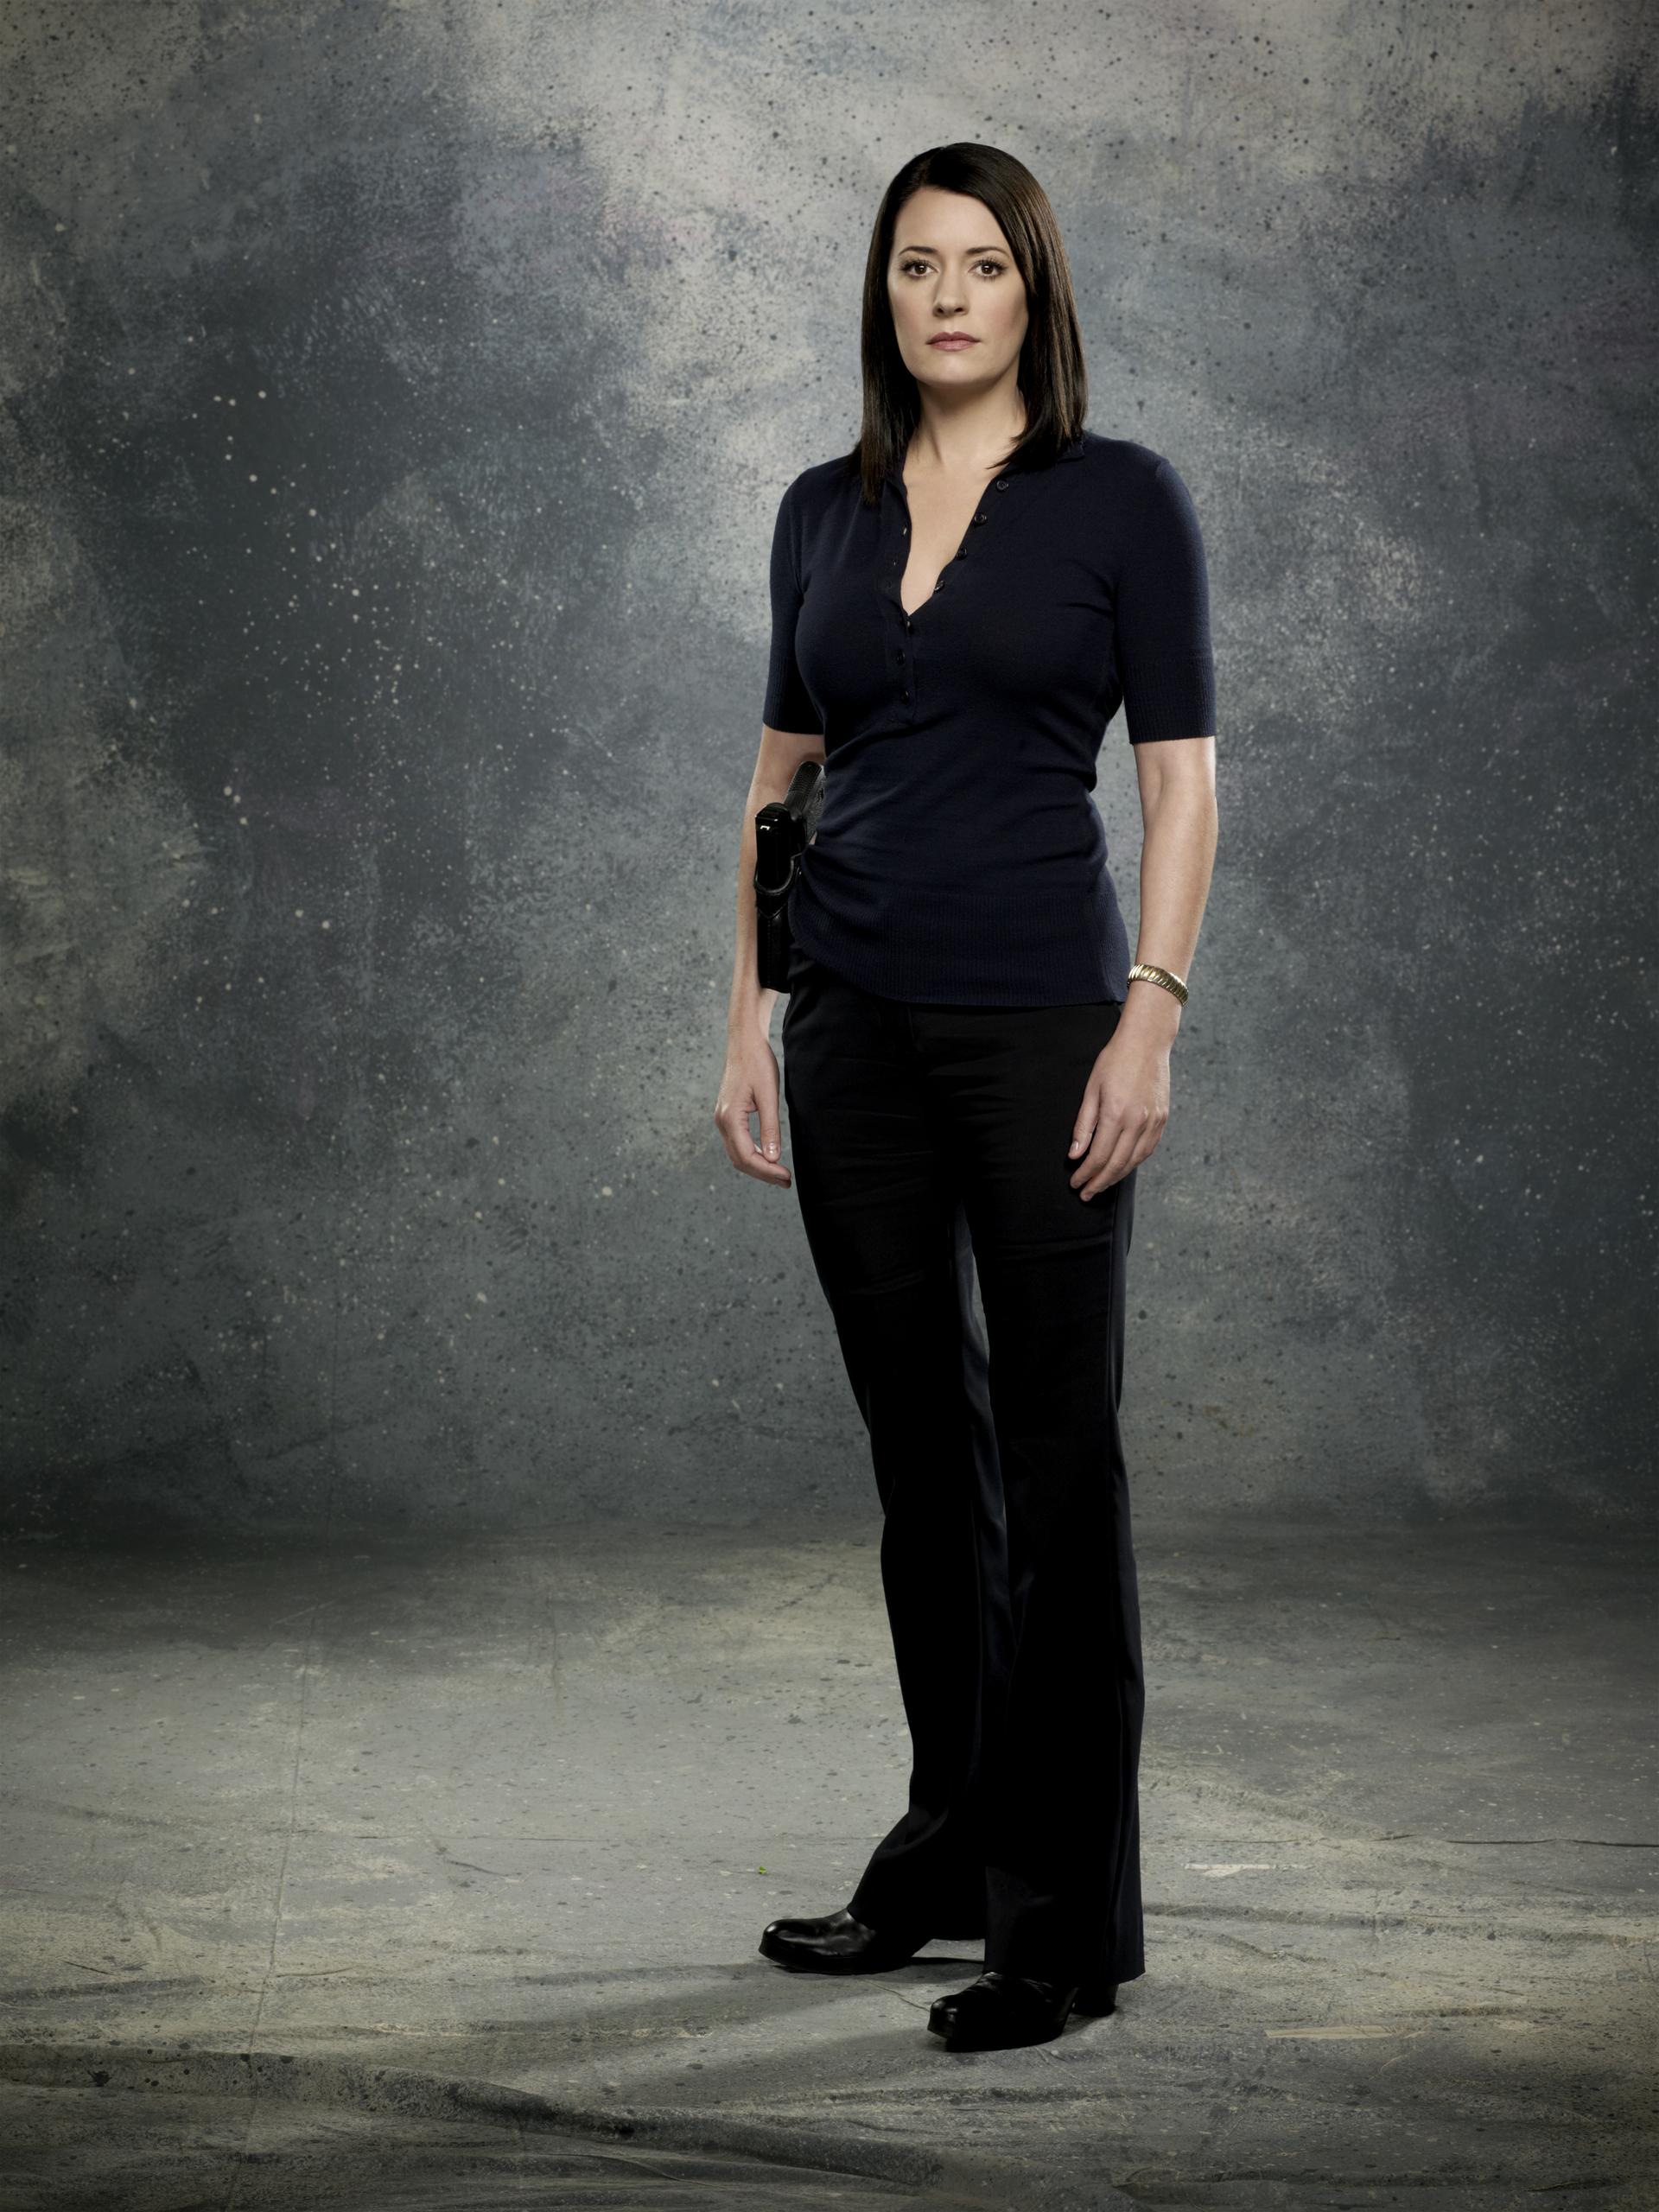 Criminal Minds 7: Promotional Photos - Paget Brewster